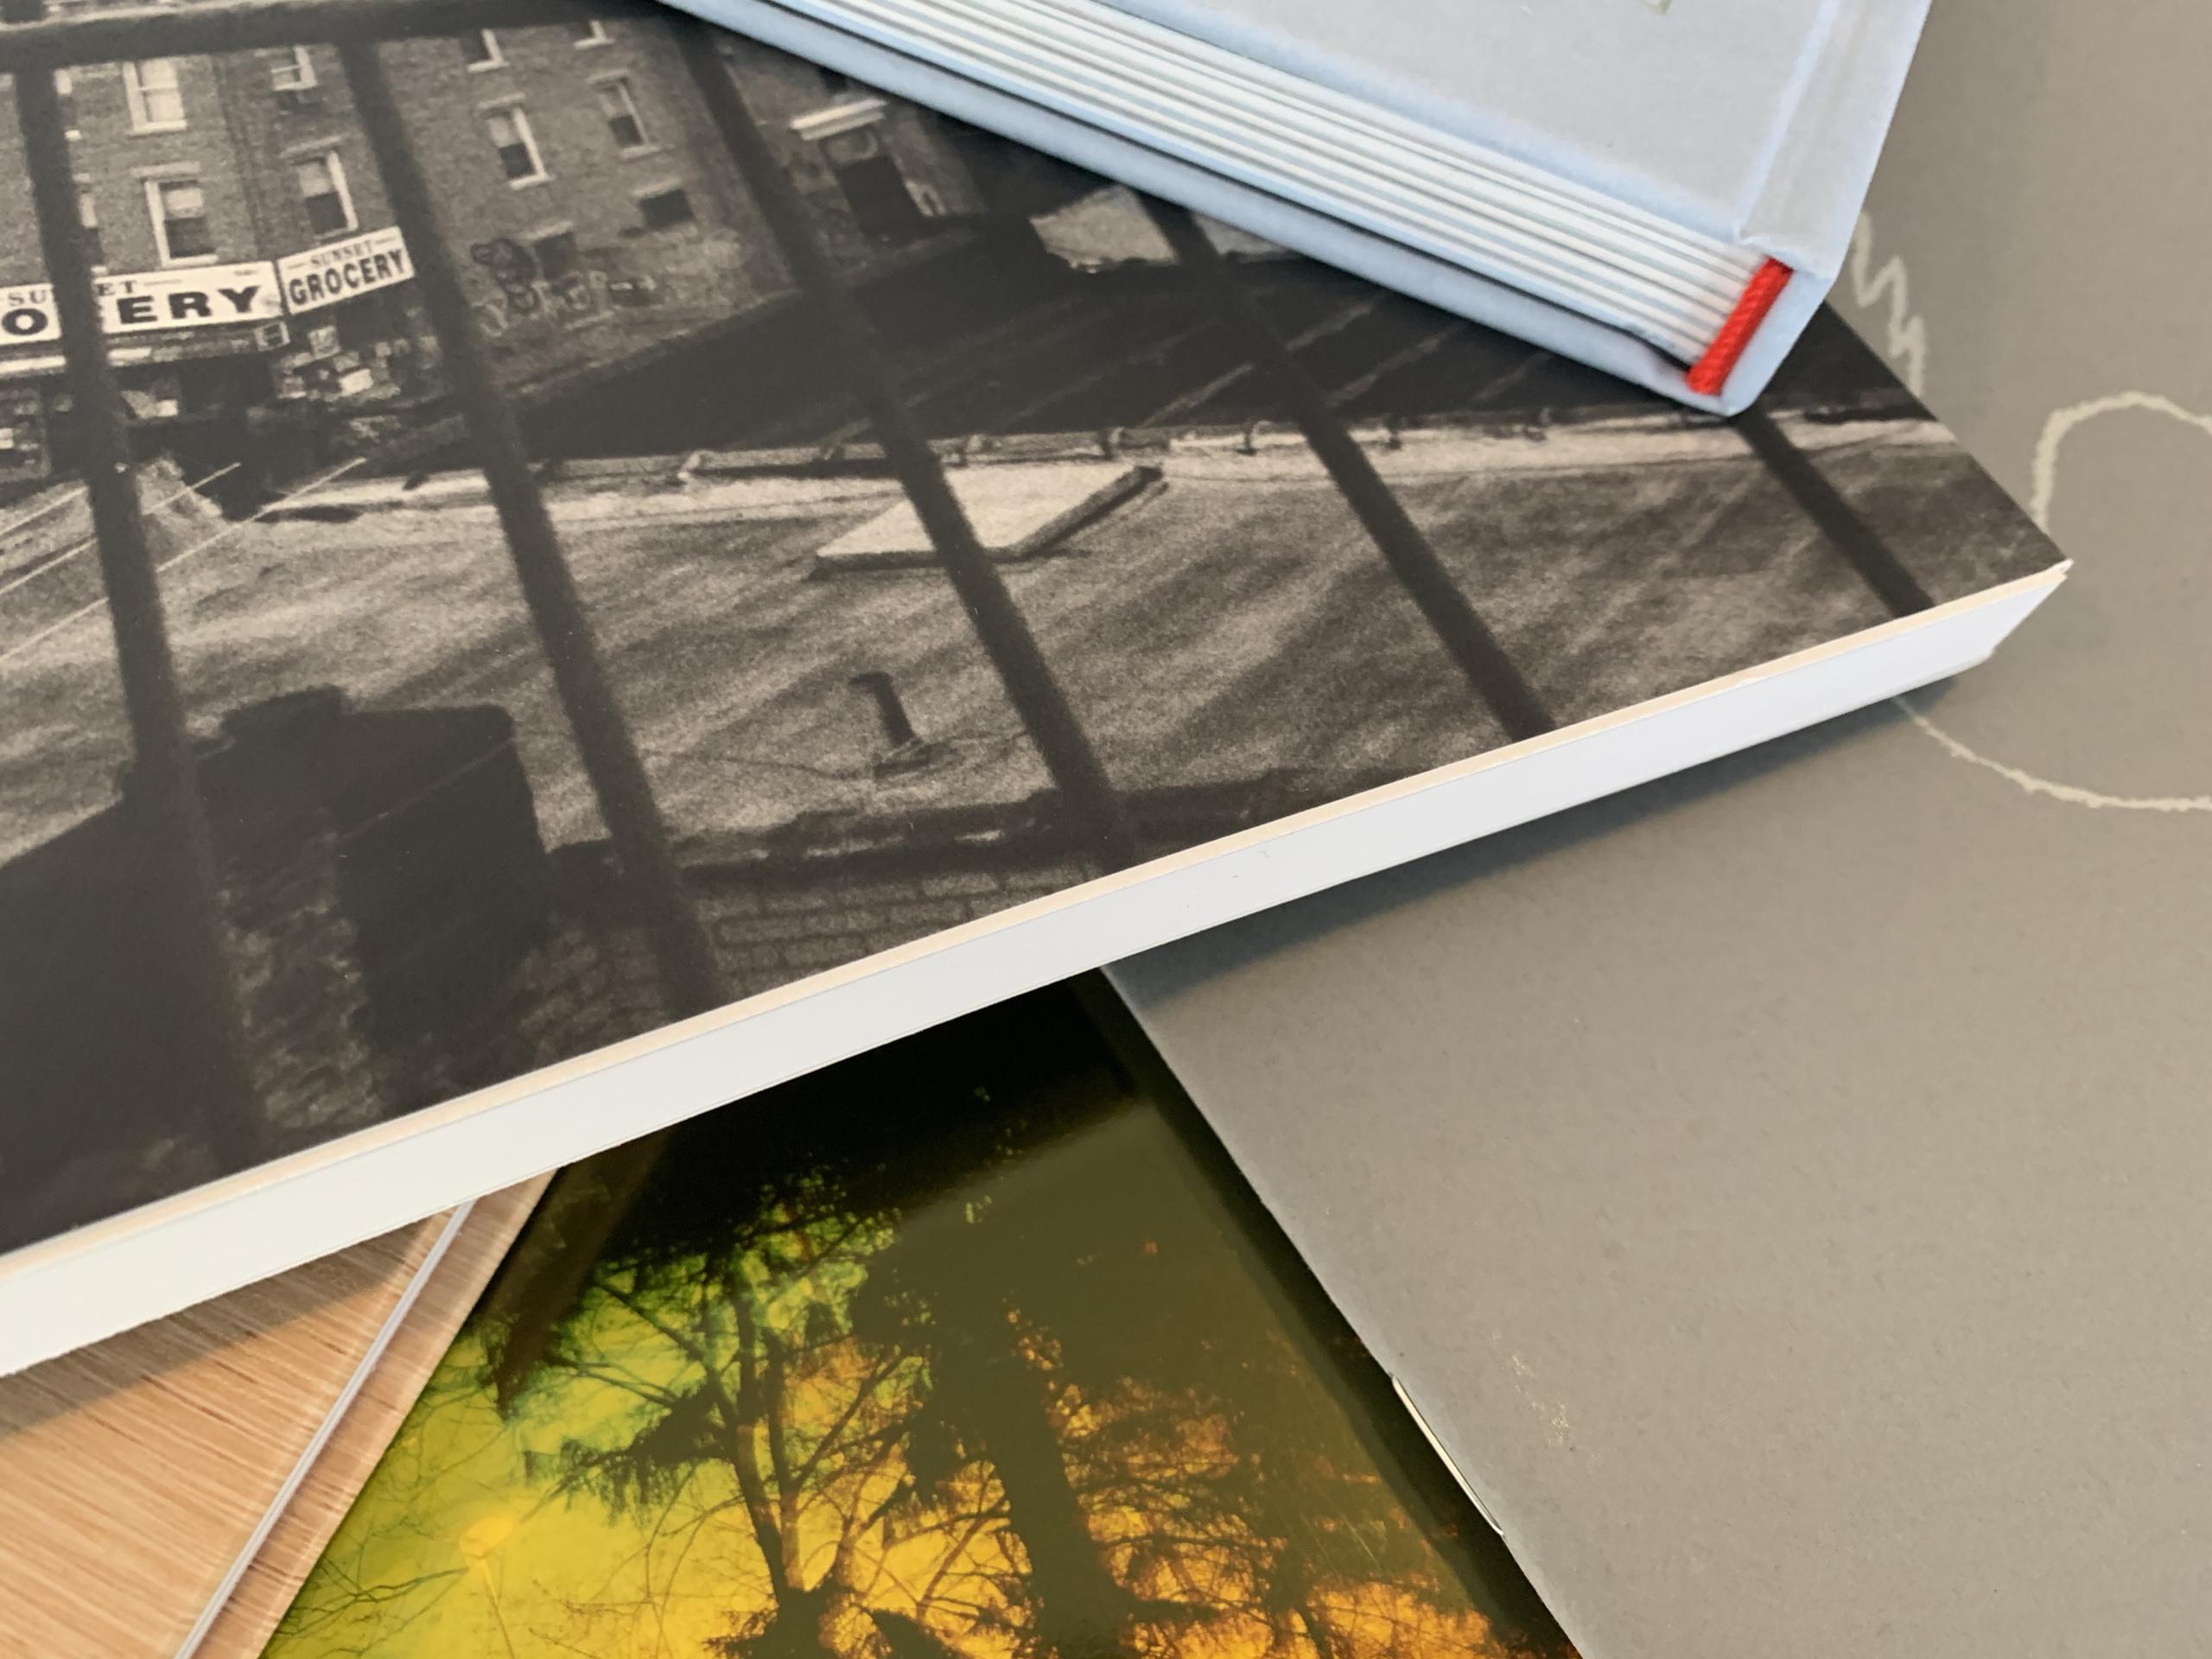 Vill du ha en fotoboksrelease på Centrum för fotografi?